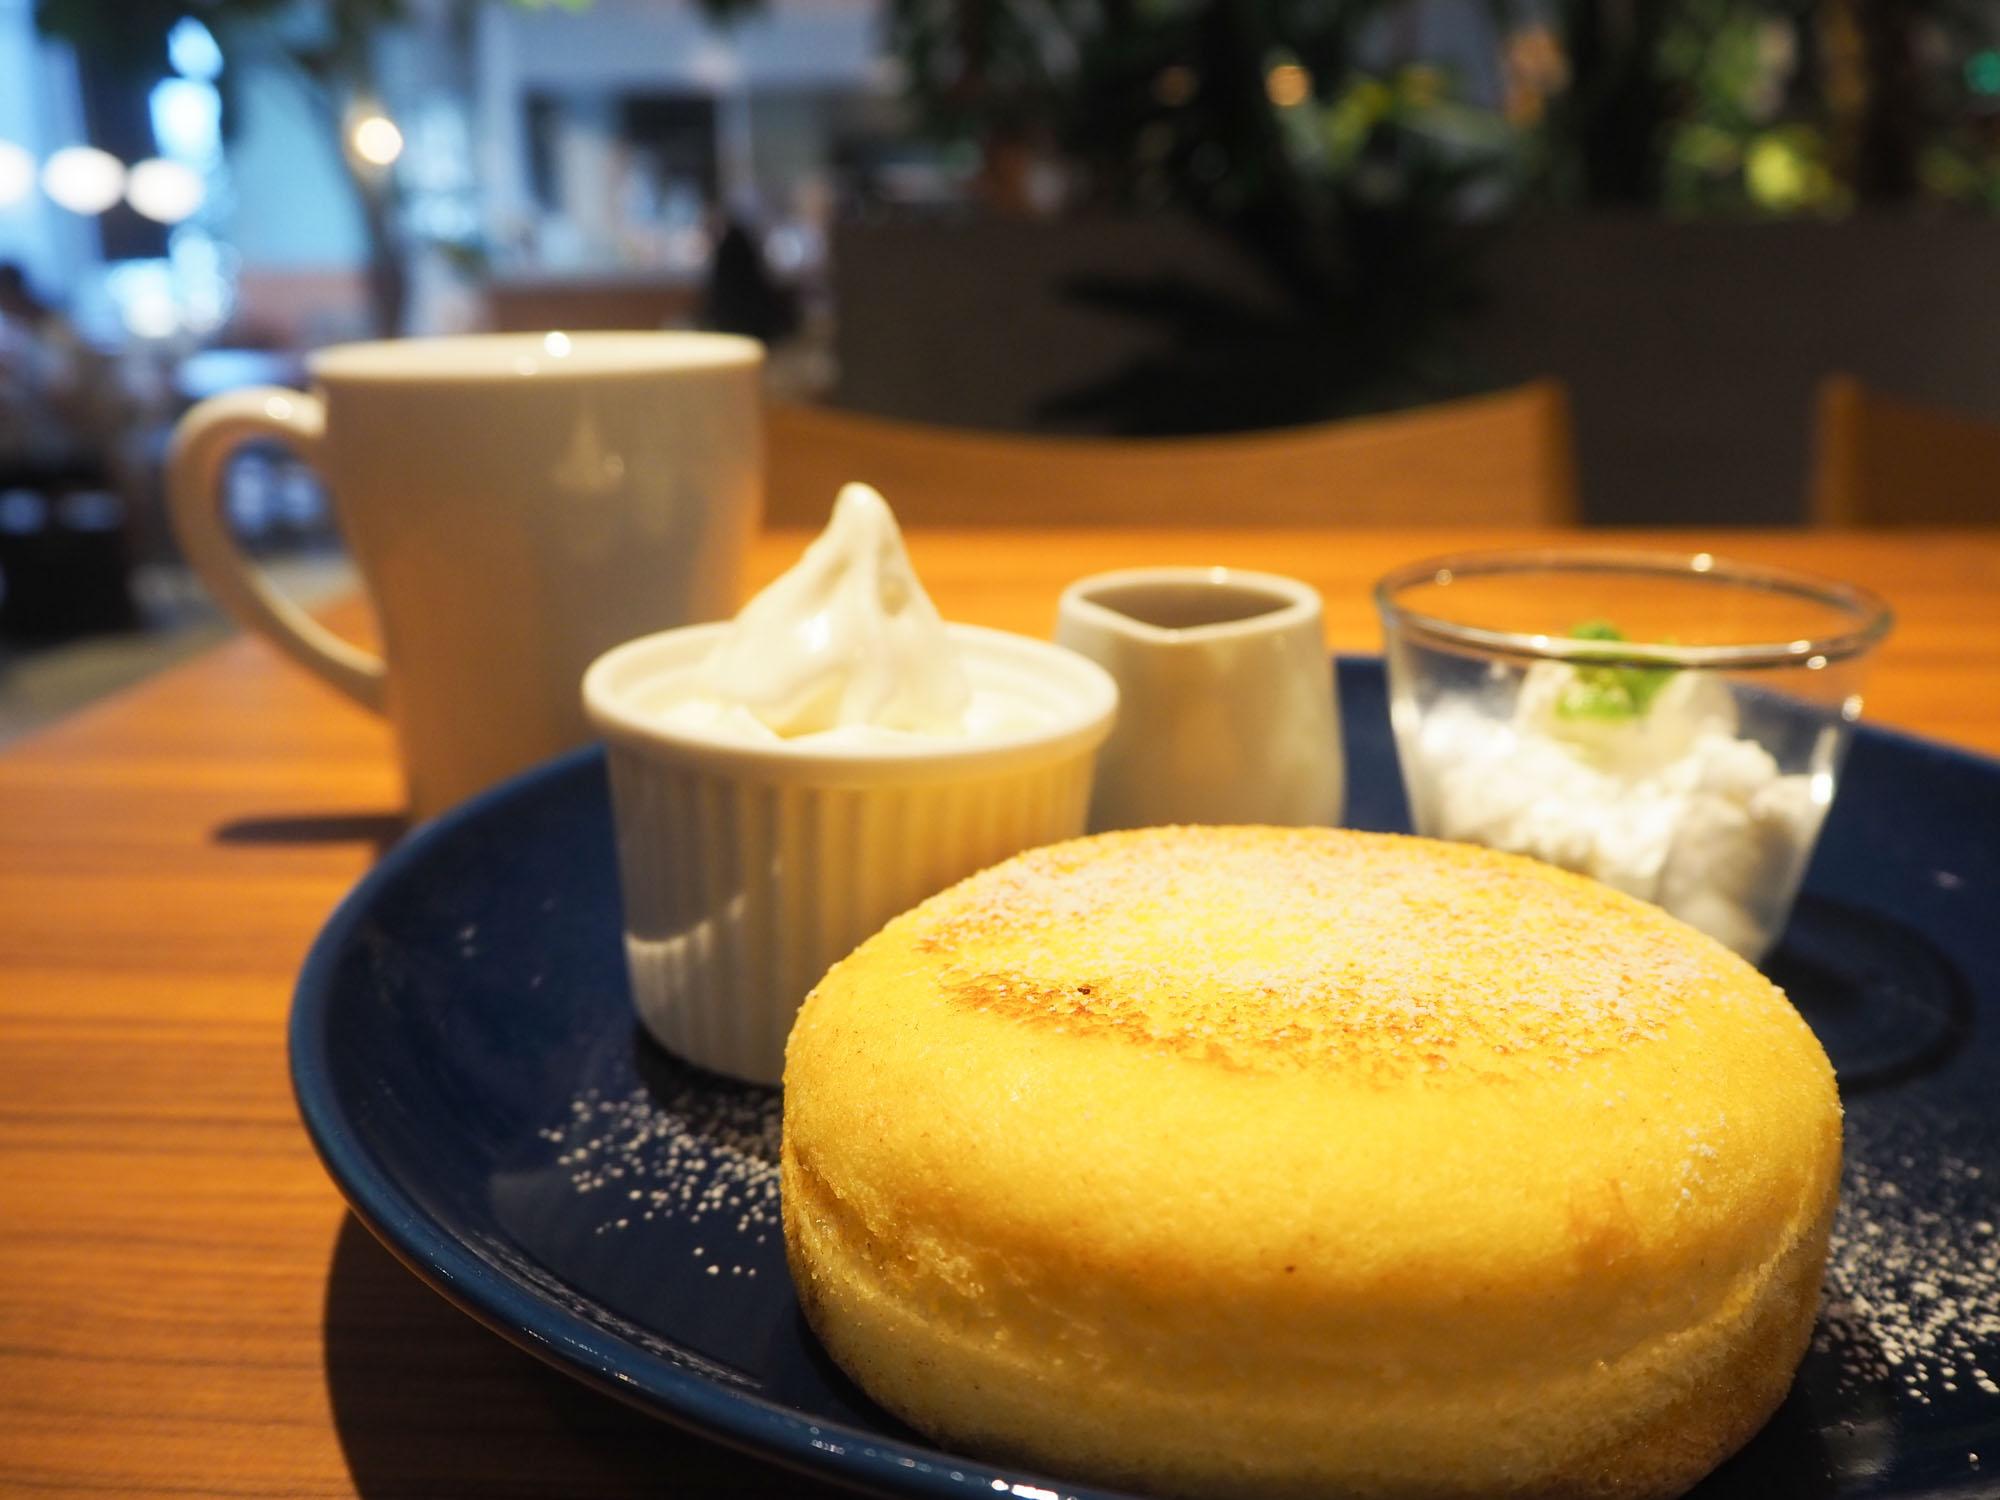 オススメの「リコッタチーズパンケーキ(税込1190円)」をいただきました。 外はバターの香りが効いてサクッ、中はフワフワ。至福の時間でした。